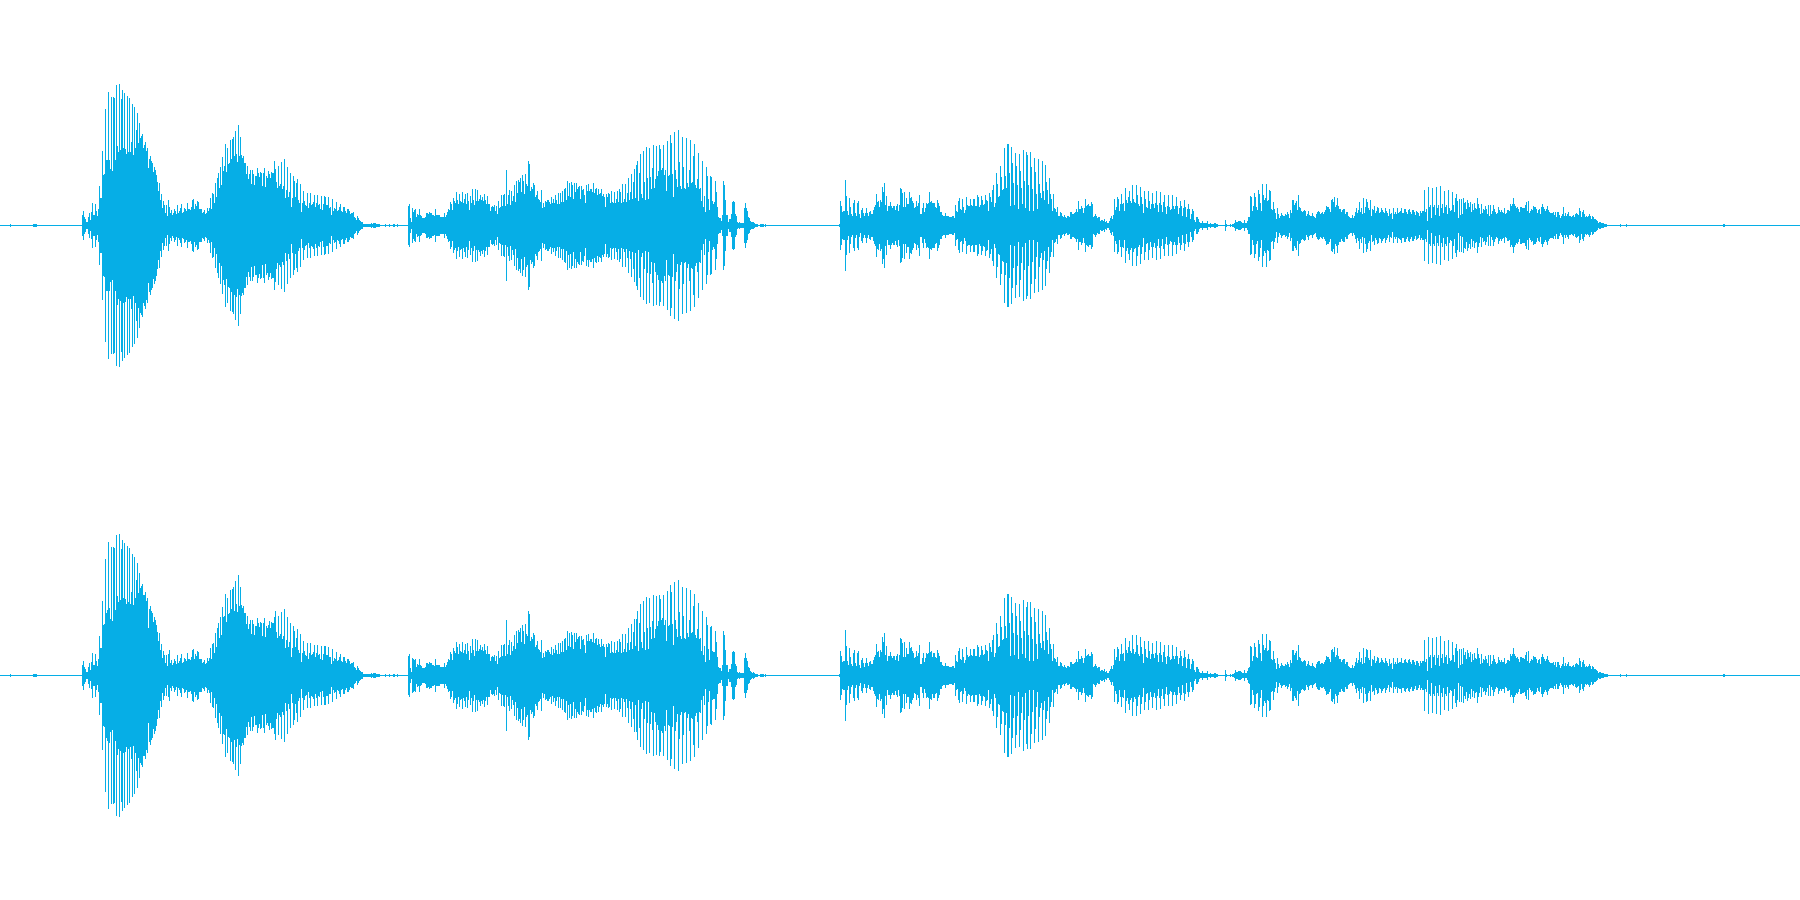 【時報・時間】午前9時を、お知らせいた…の再生済みの波形